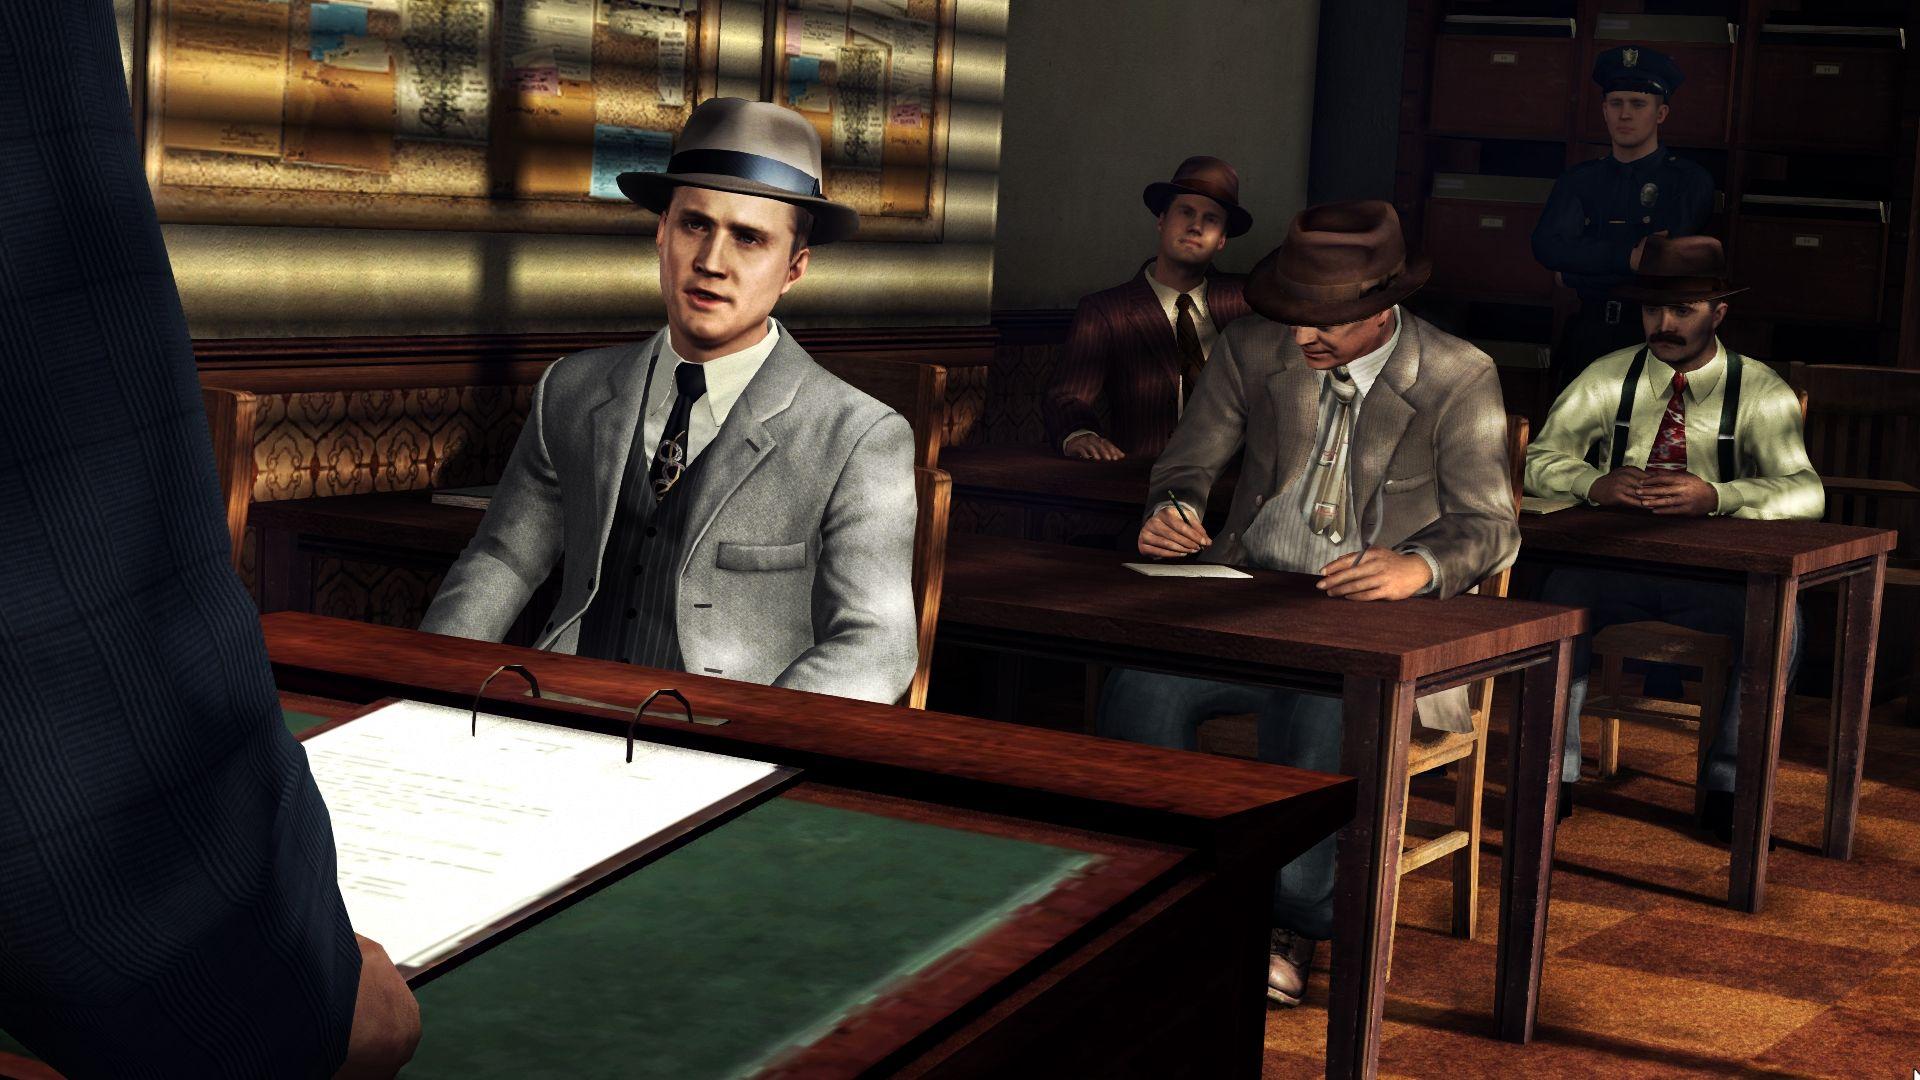 První obrázky z PC verze L.A. Noire 52698